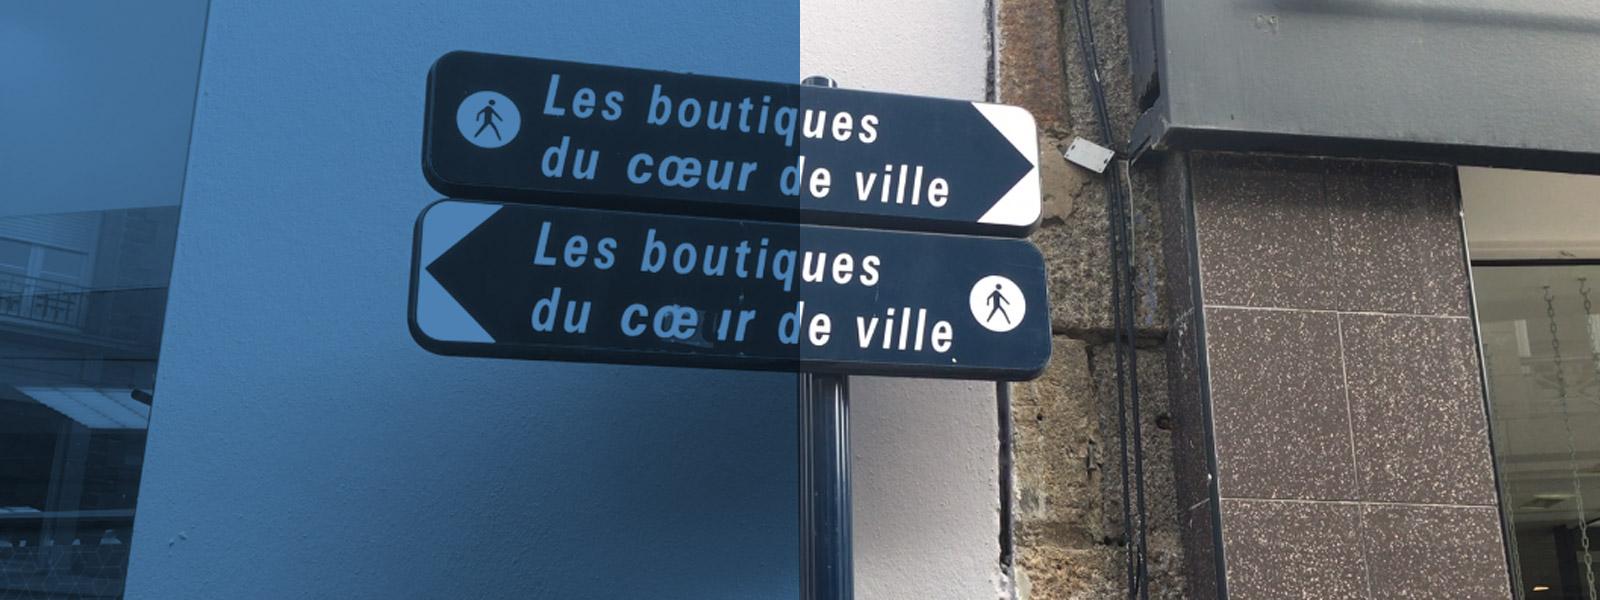 Caf Ef Bf Bd Ouvert Saint Brieuc